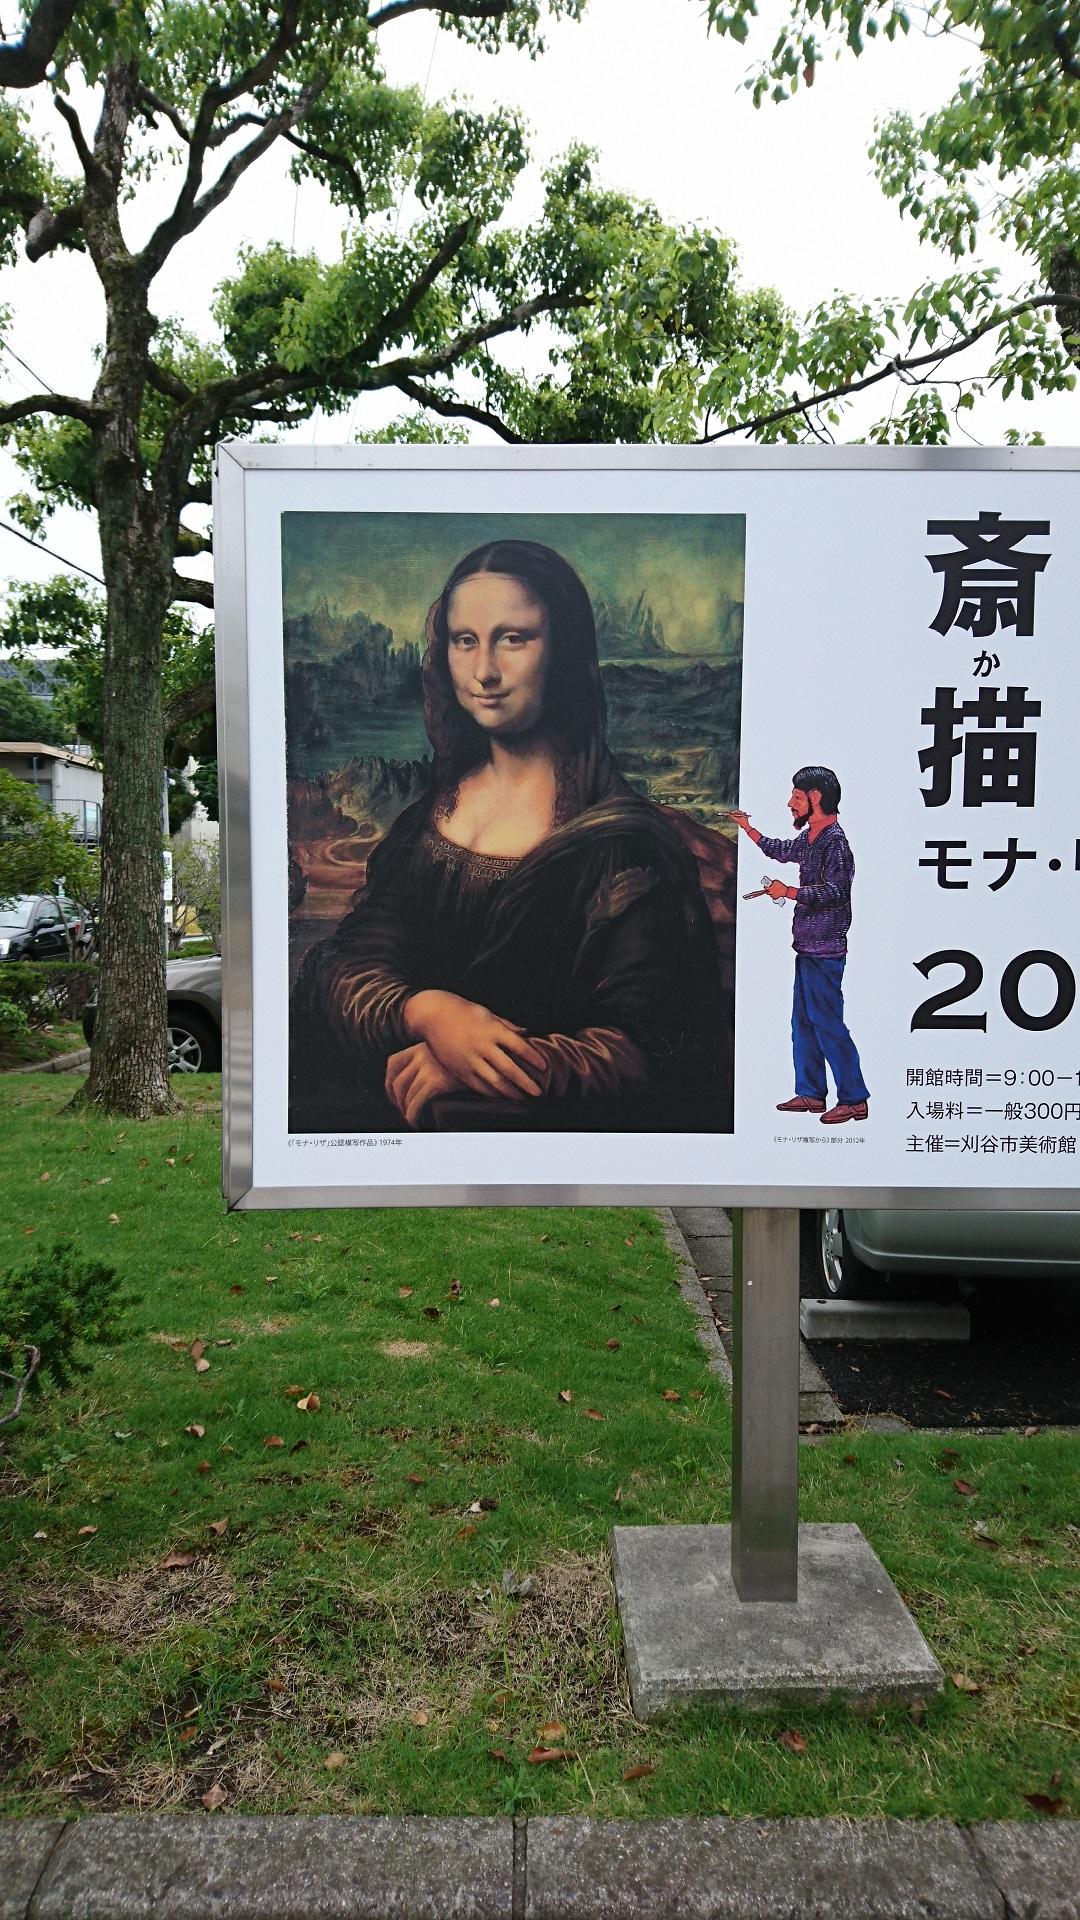 2017.7.27 斎藤吾朗展 (2) 看板(ひだり)